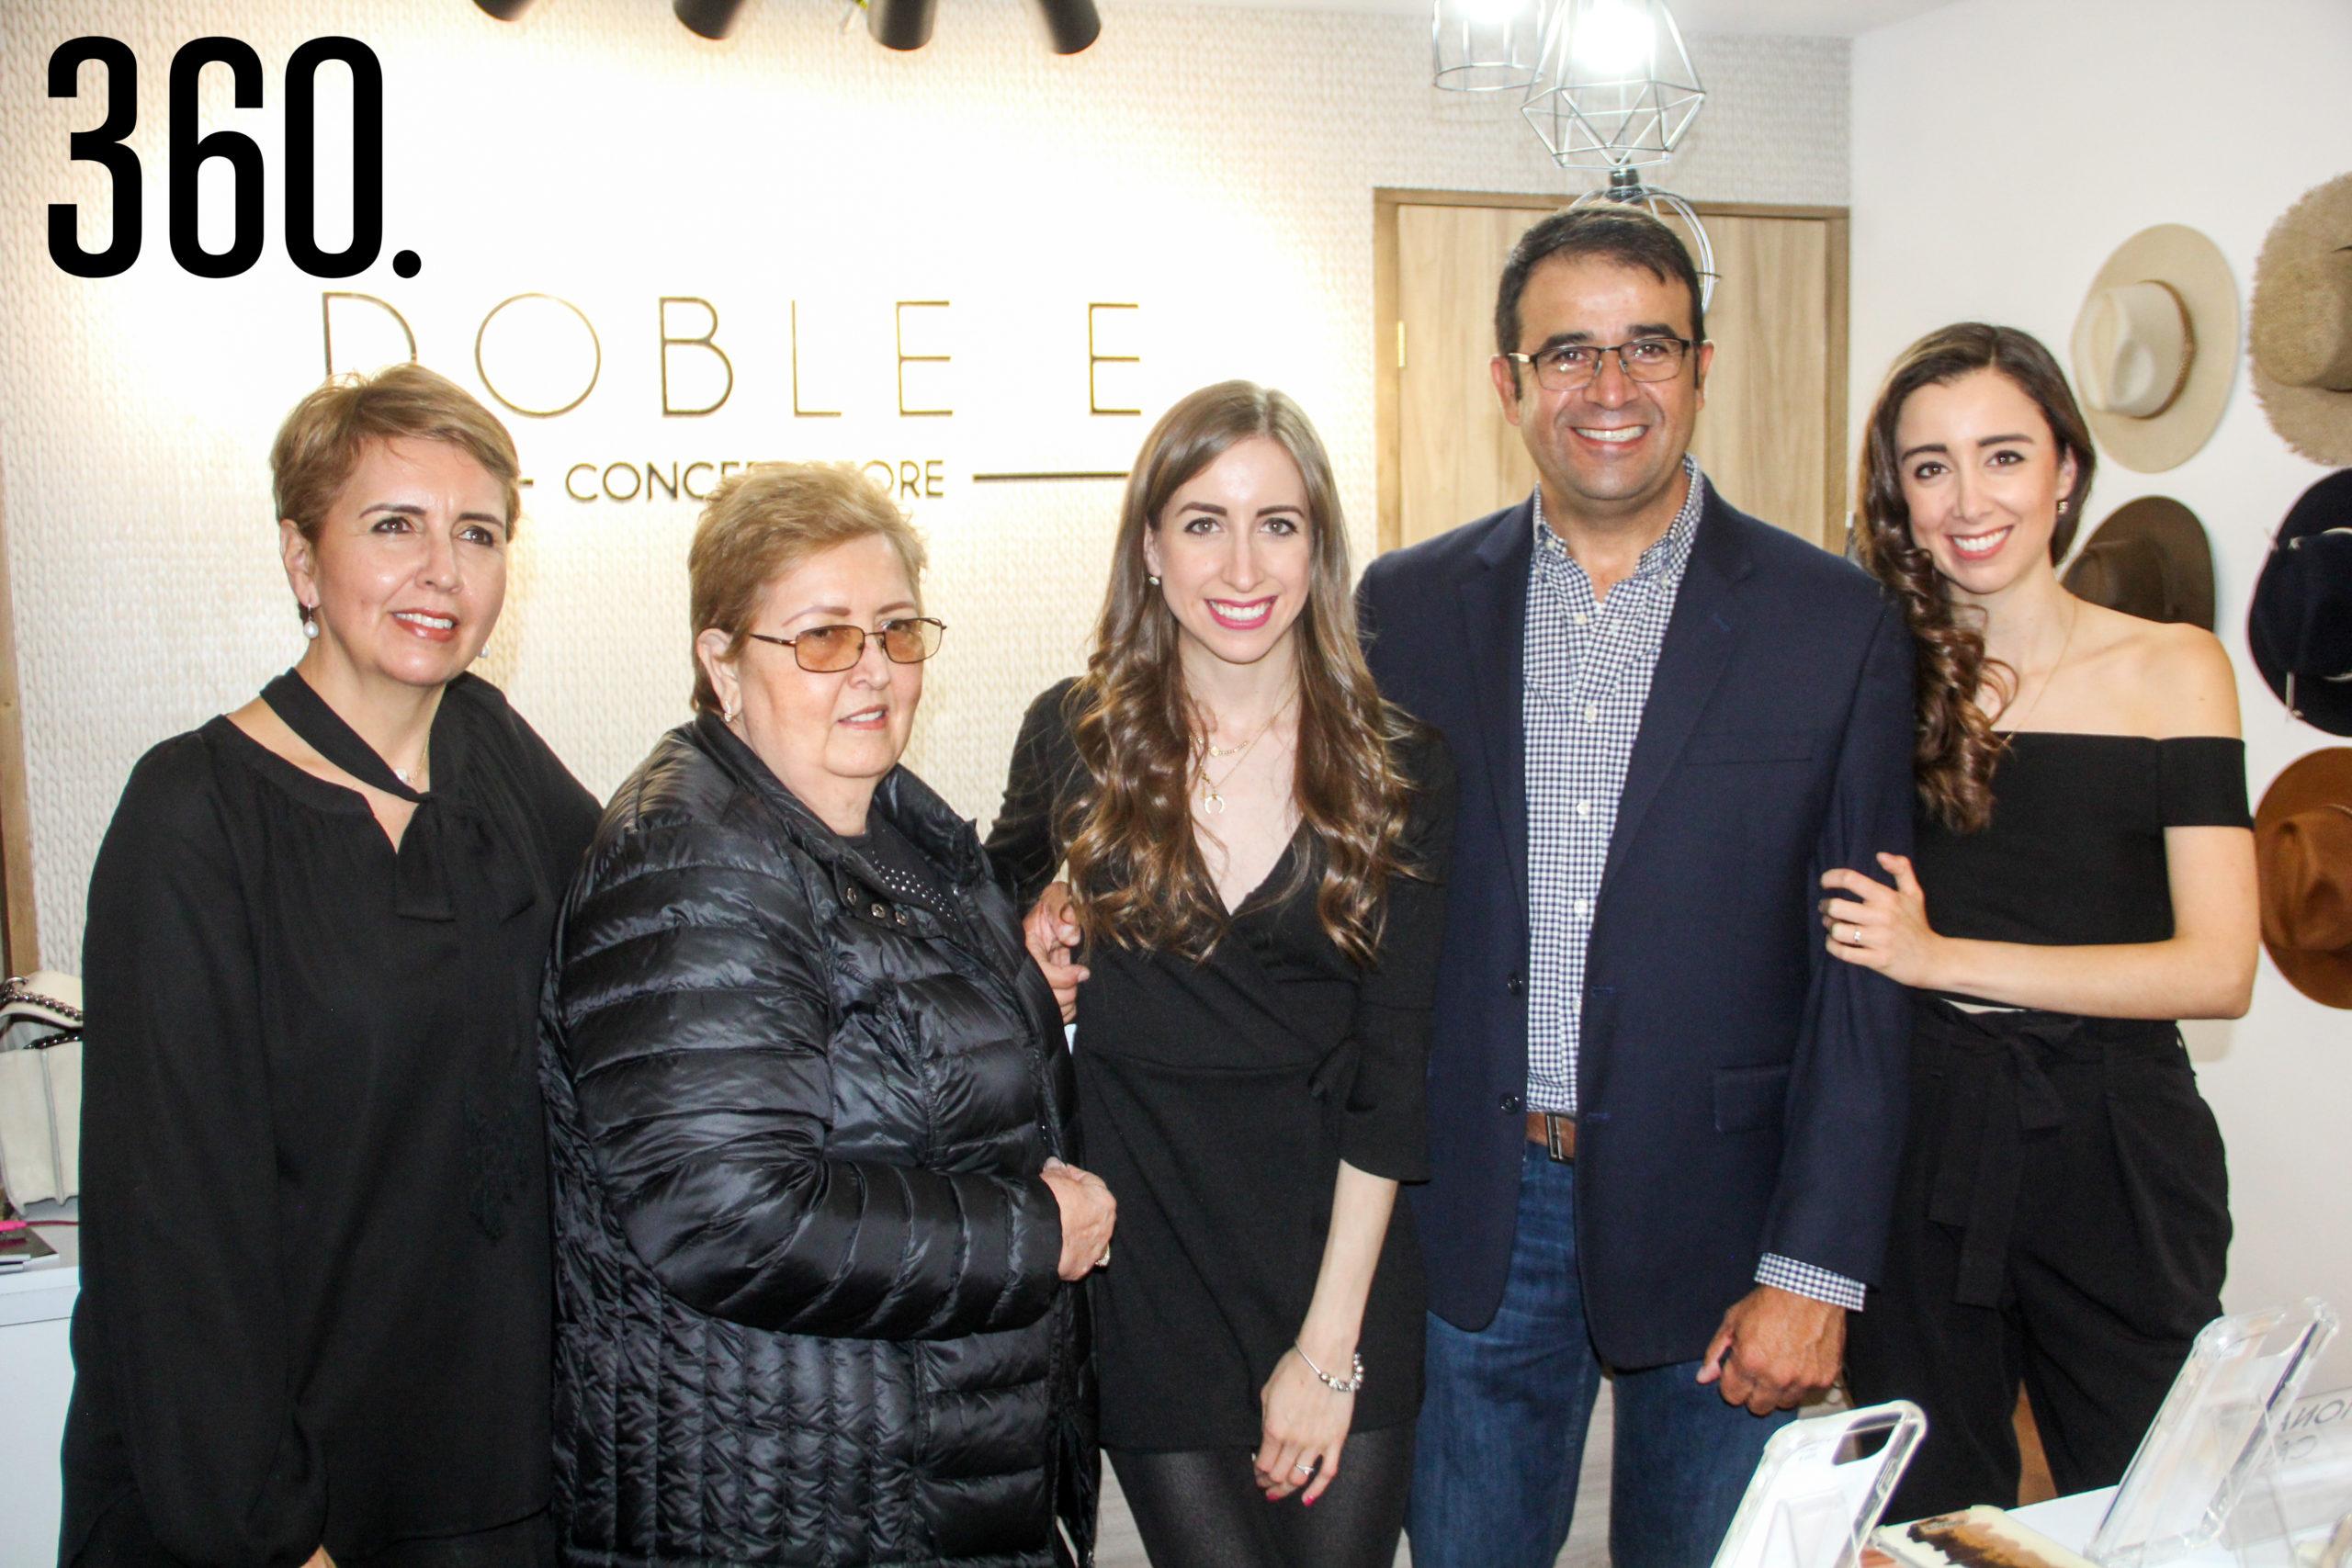 Chiquis Esquivel, María Ofelia Elizondo, Valeria Elguezabal, Roberto Elguezabal y Sofía Elguezabal.